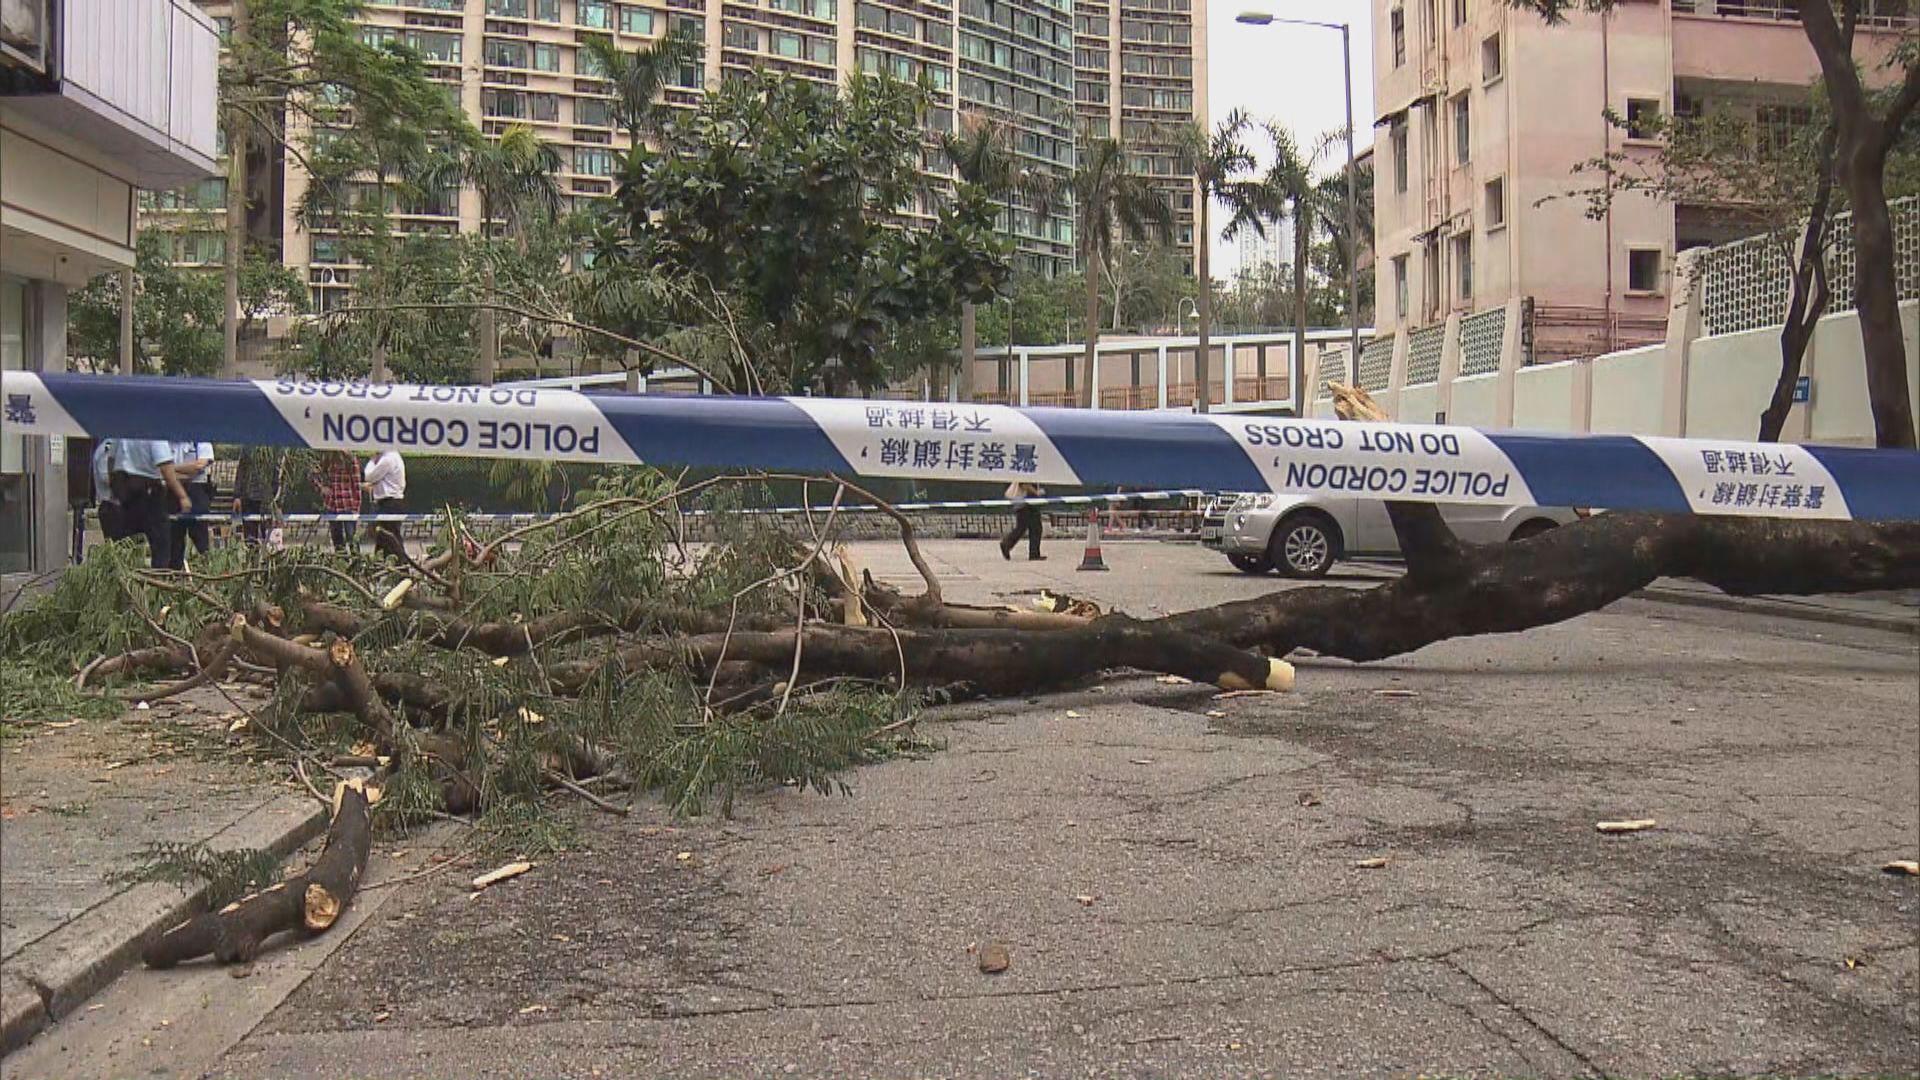 紅磡大樹倒塌 女途人遭樹椏擊傷送院